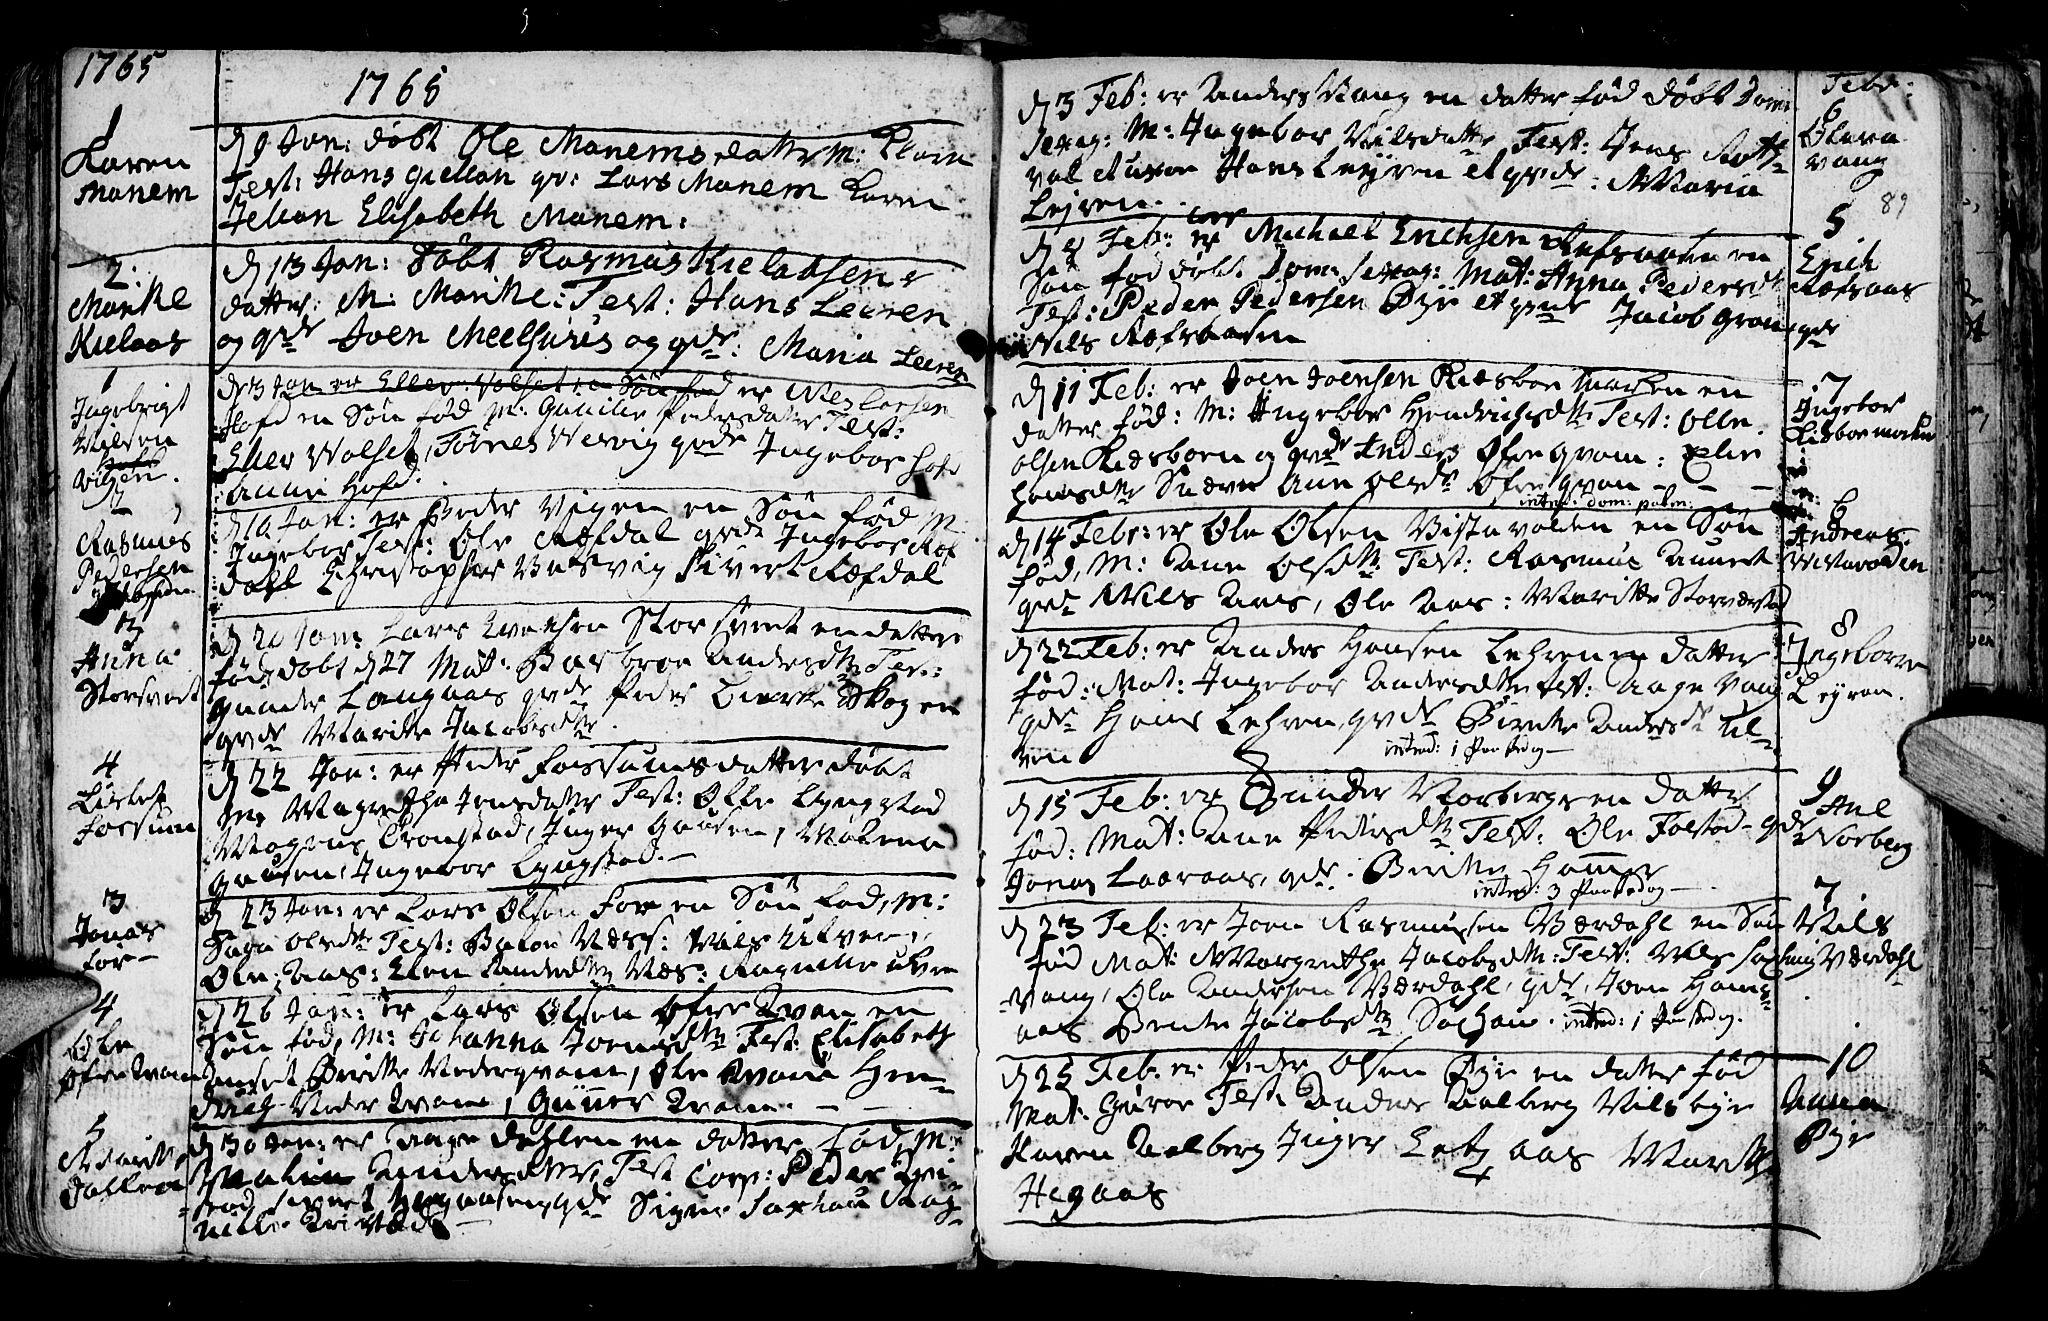 SAT, Ministerialprotokoller, klokkerbøker og fødselsregistre - Nord-Trøndelag, 730/L0273: Ministerialbok nr. 730A02, 1762-1802, s. 89